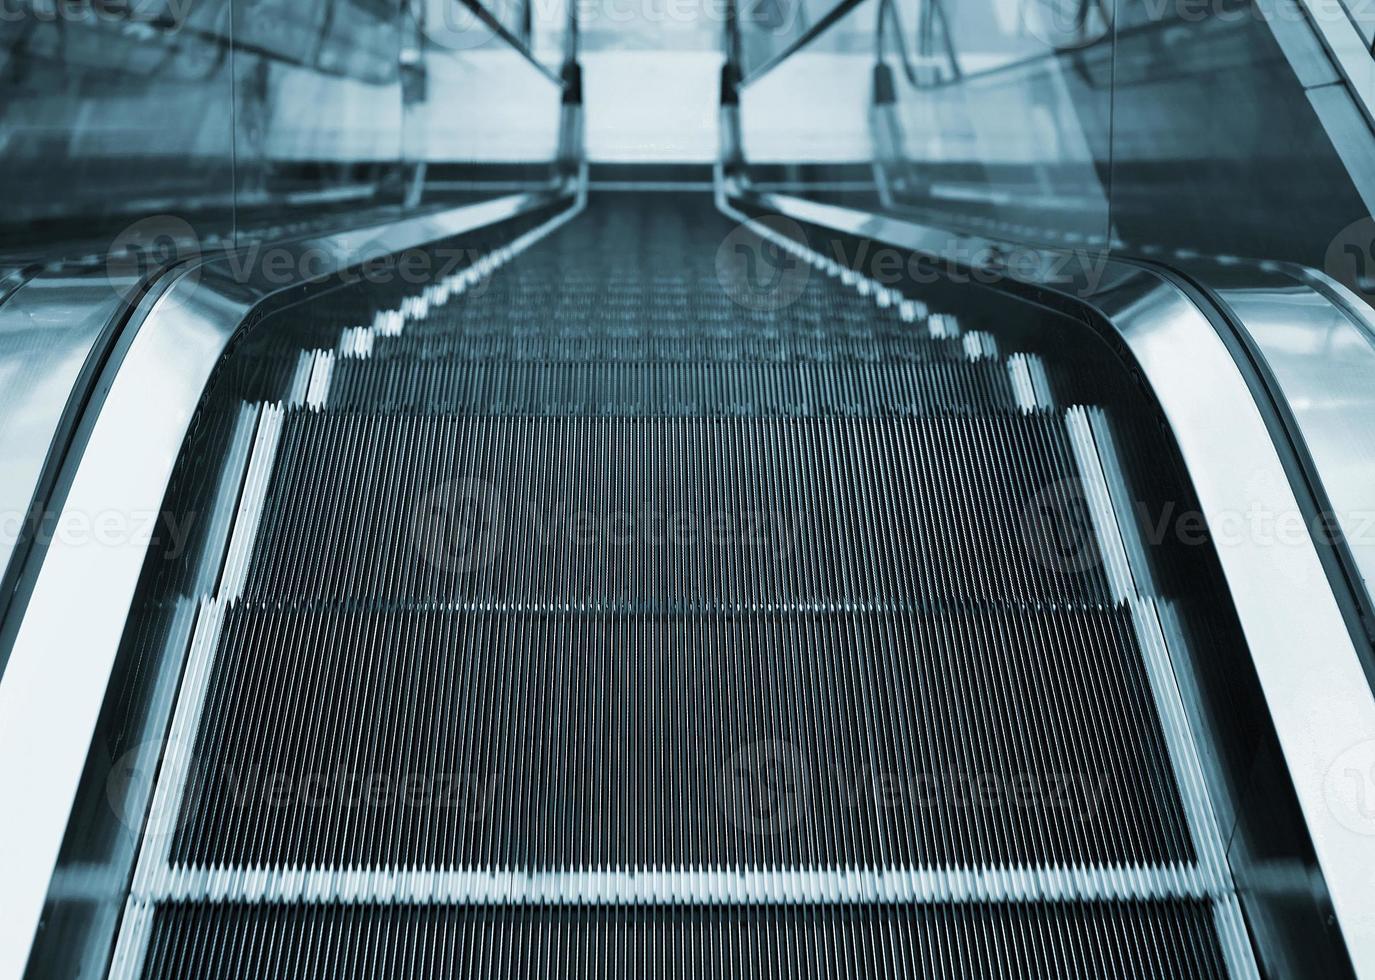 vue de l'escalator à l'intérieur du bureau ou du centre d'affaires photo